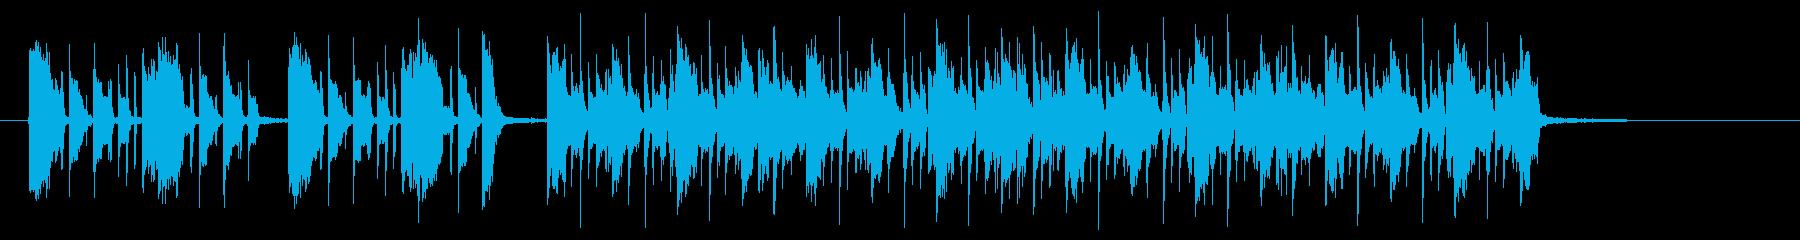 エレキギターの都会的なロックの再生済みの波形